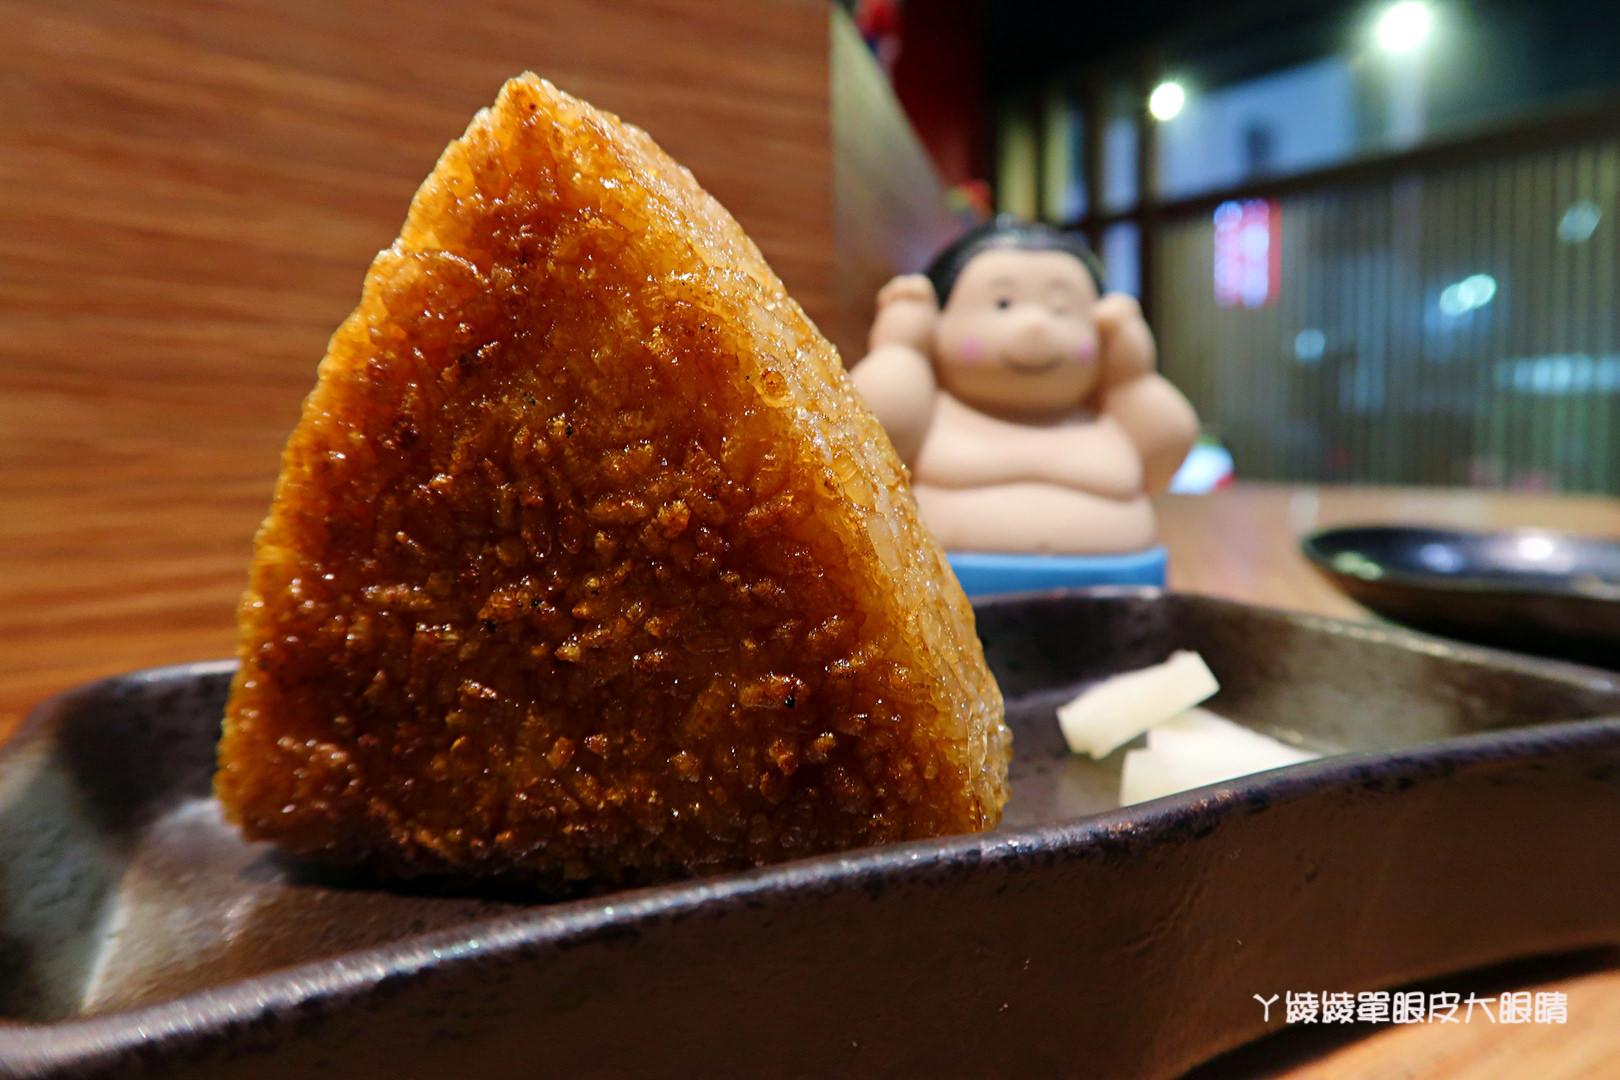 新竹居酒屋推薦,炭火串燒Moibon!新竹城隍廟附近日式串燒